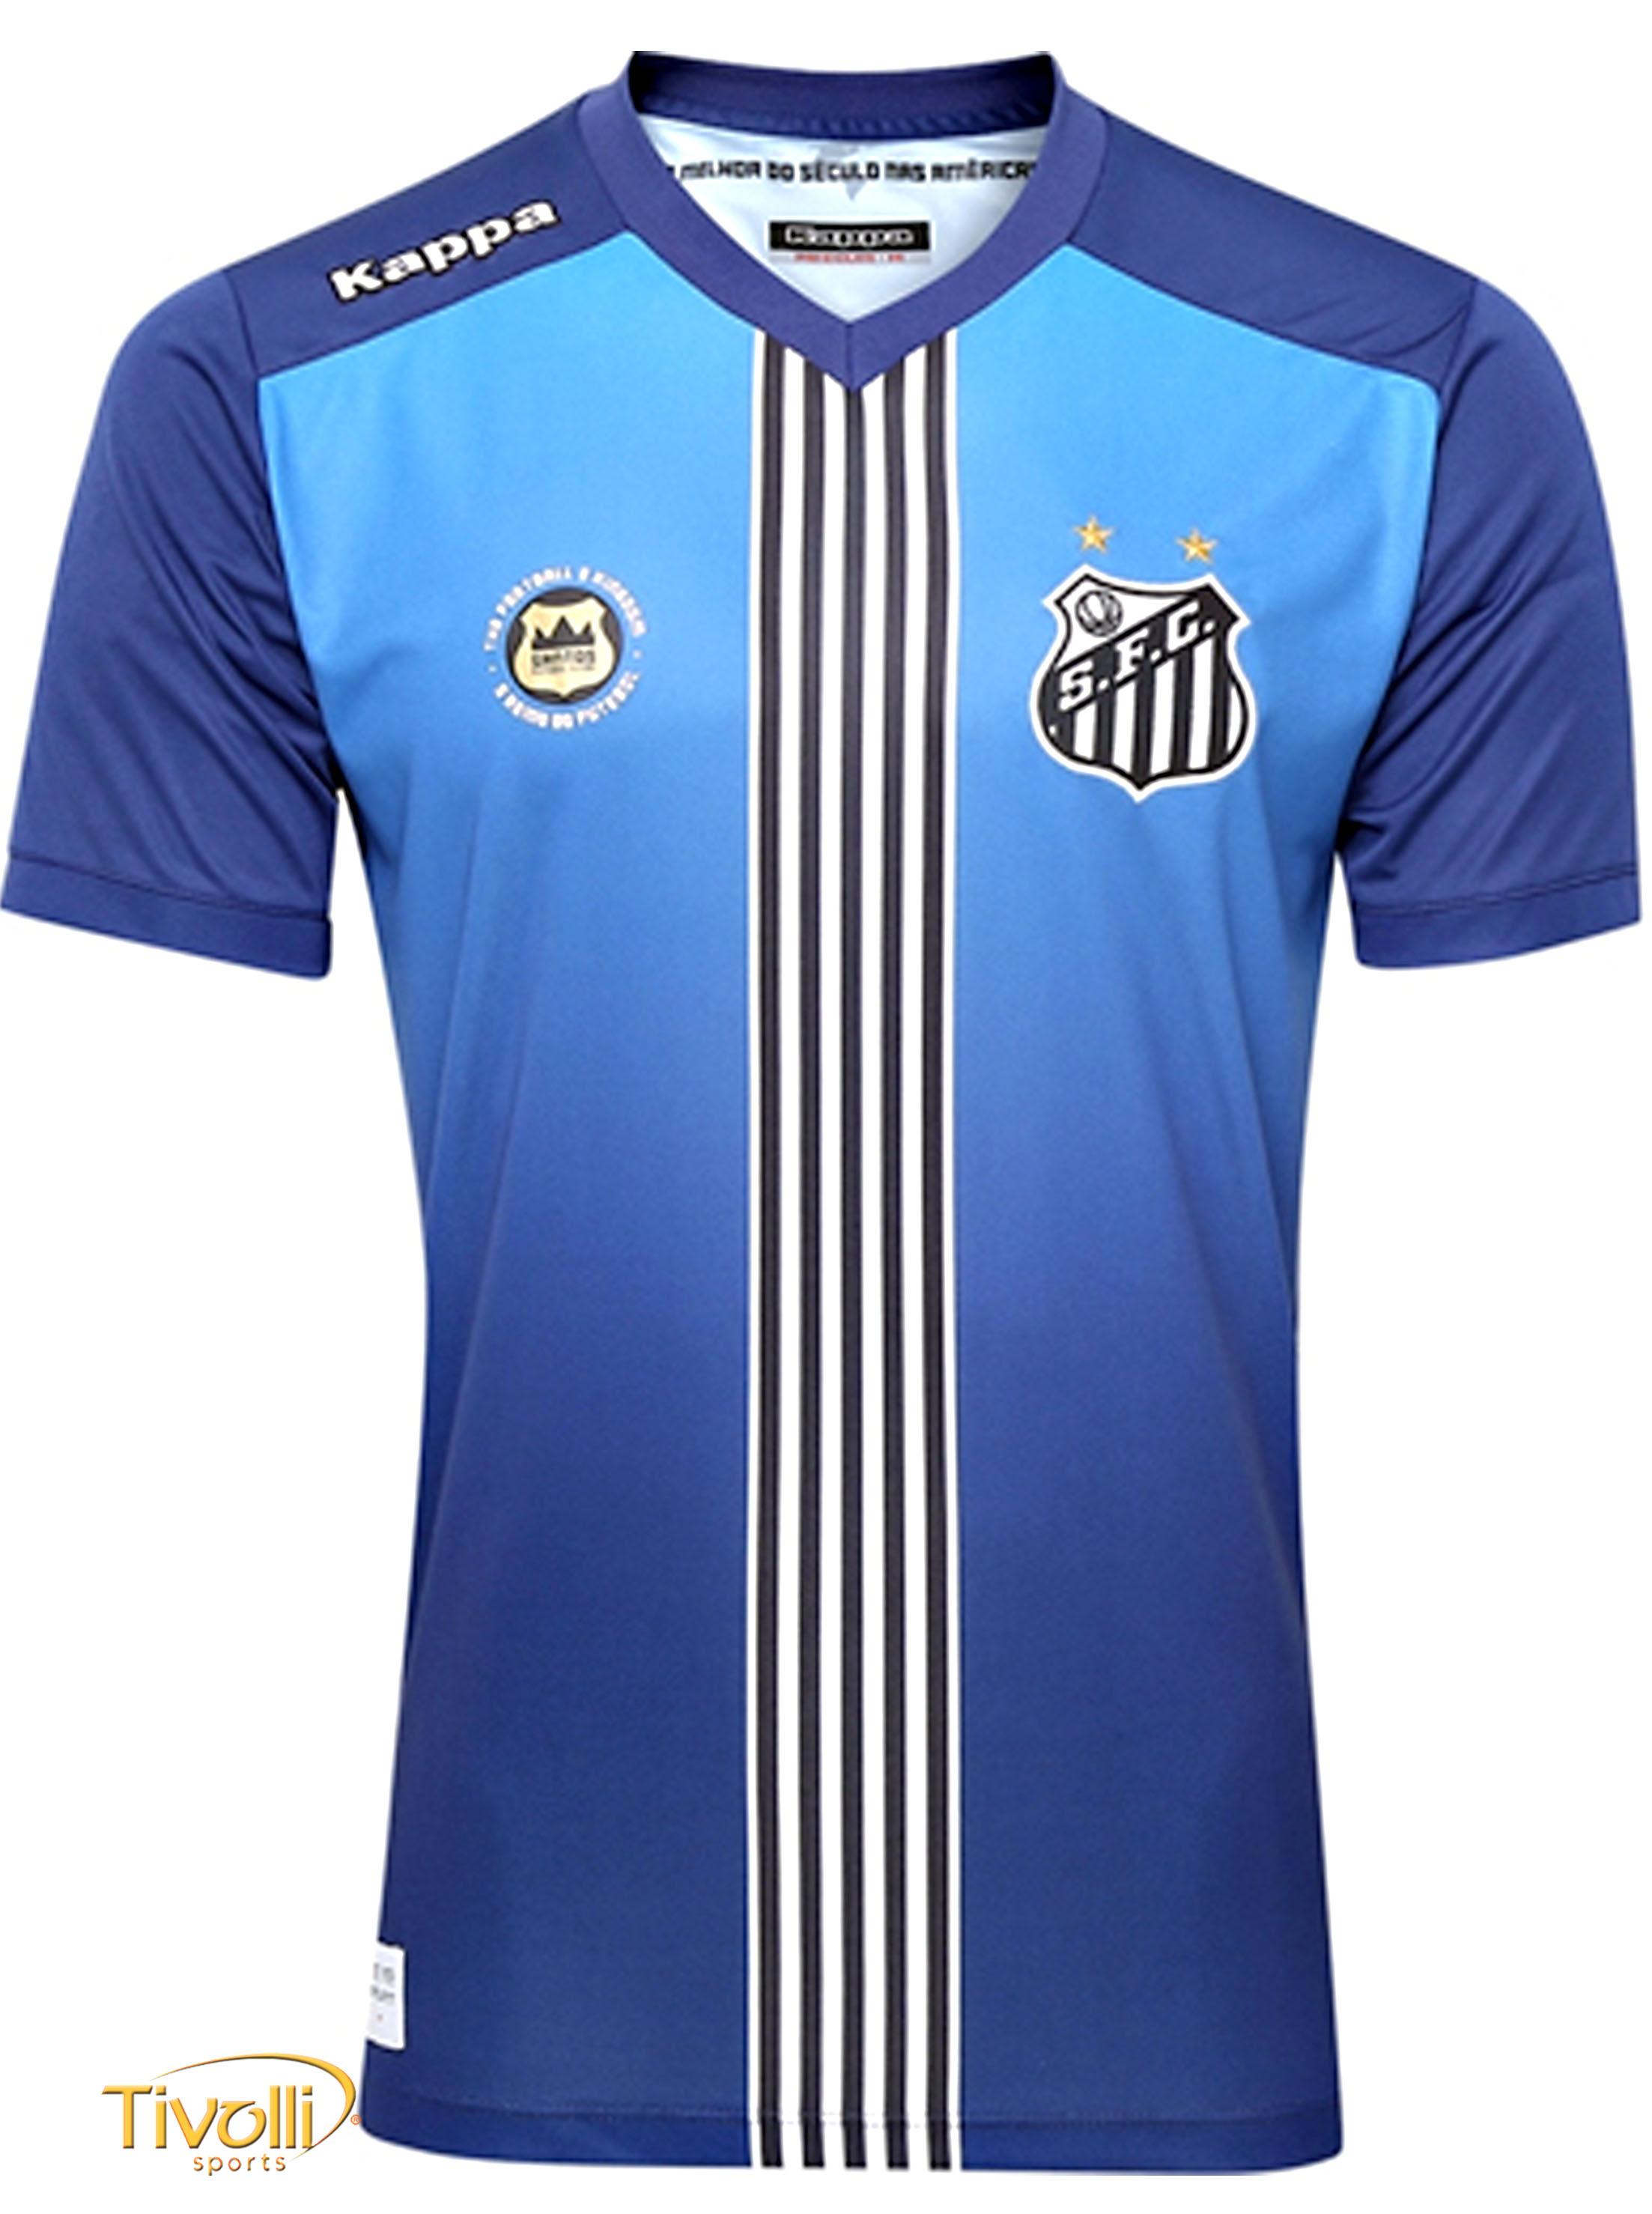 Camisa Santos FC III 2016 2017 Kappa   Infantil Azul 21ef8fa6c69d8